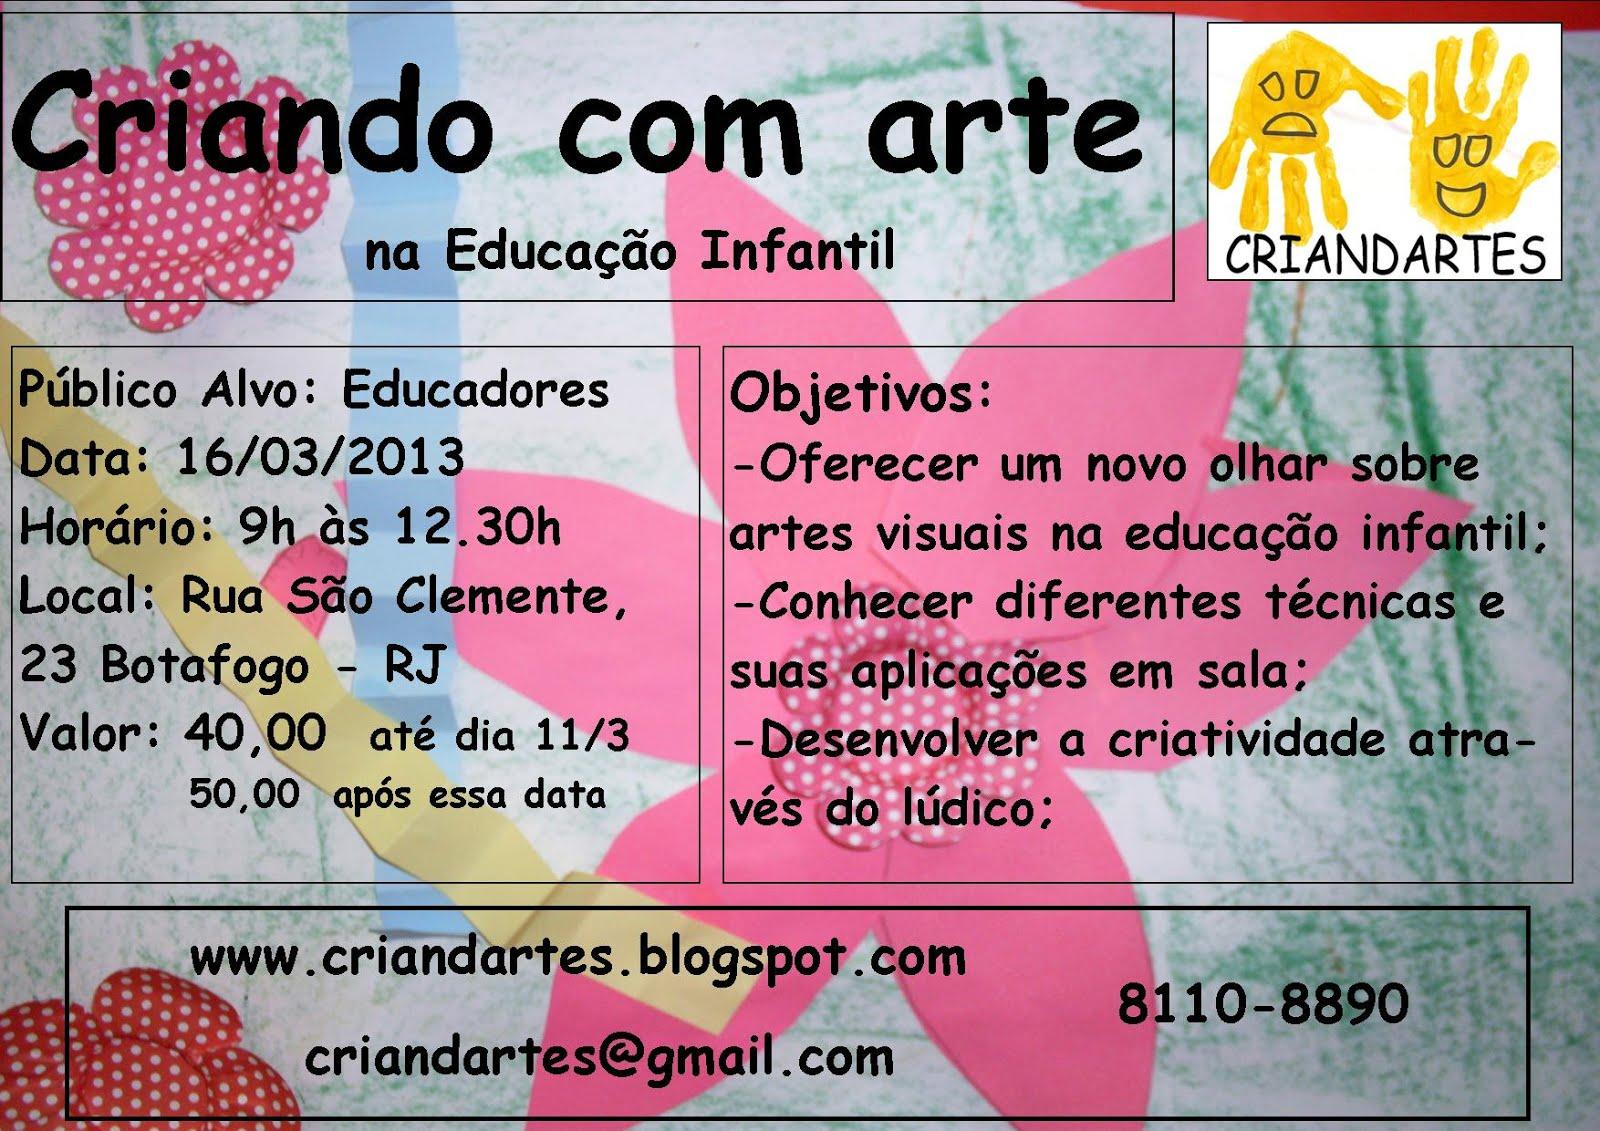 Suficiente CRIANDARTES: Criando com arte na Educação Infantil NX49